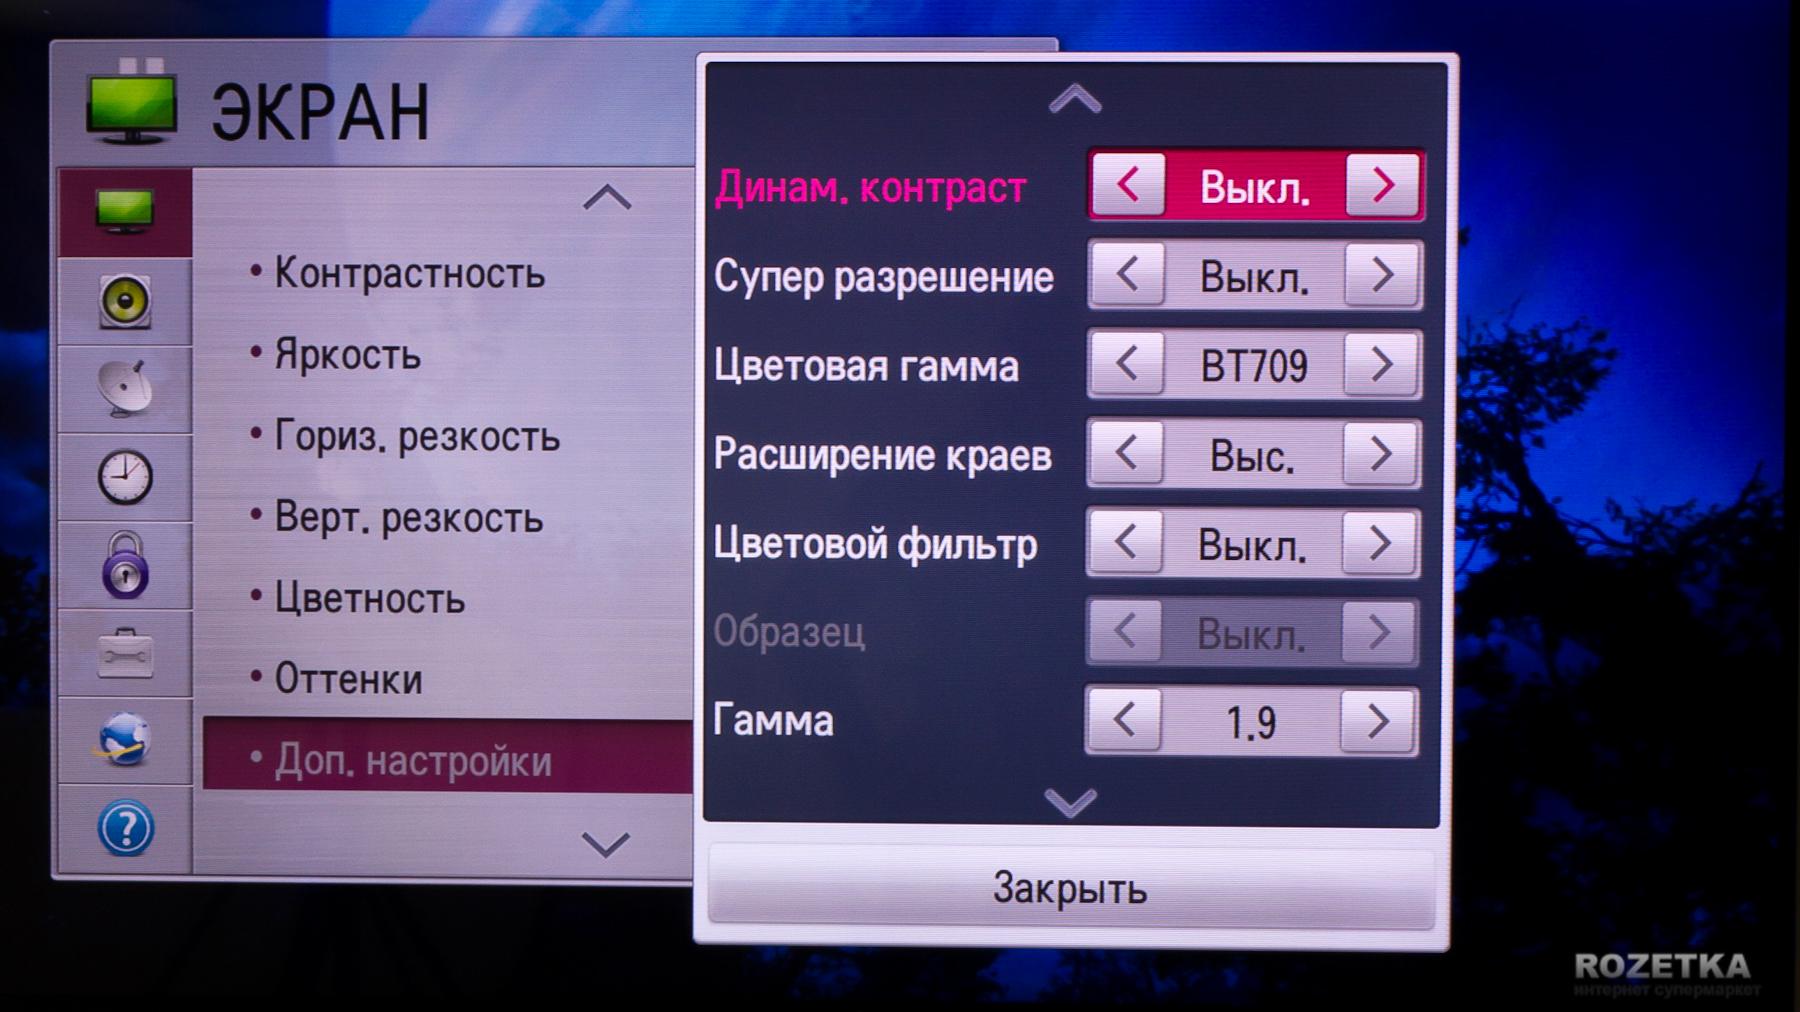 Hdr - что это такое в телевизоре: понятный ликбез тарифкин.ру hdr - что это такое в телевизоре: понятный ликбез